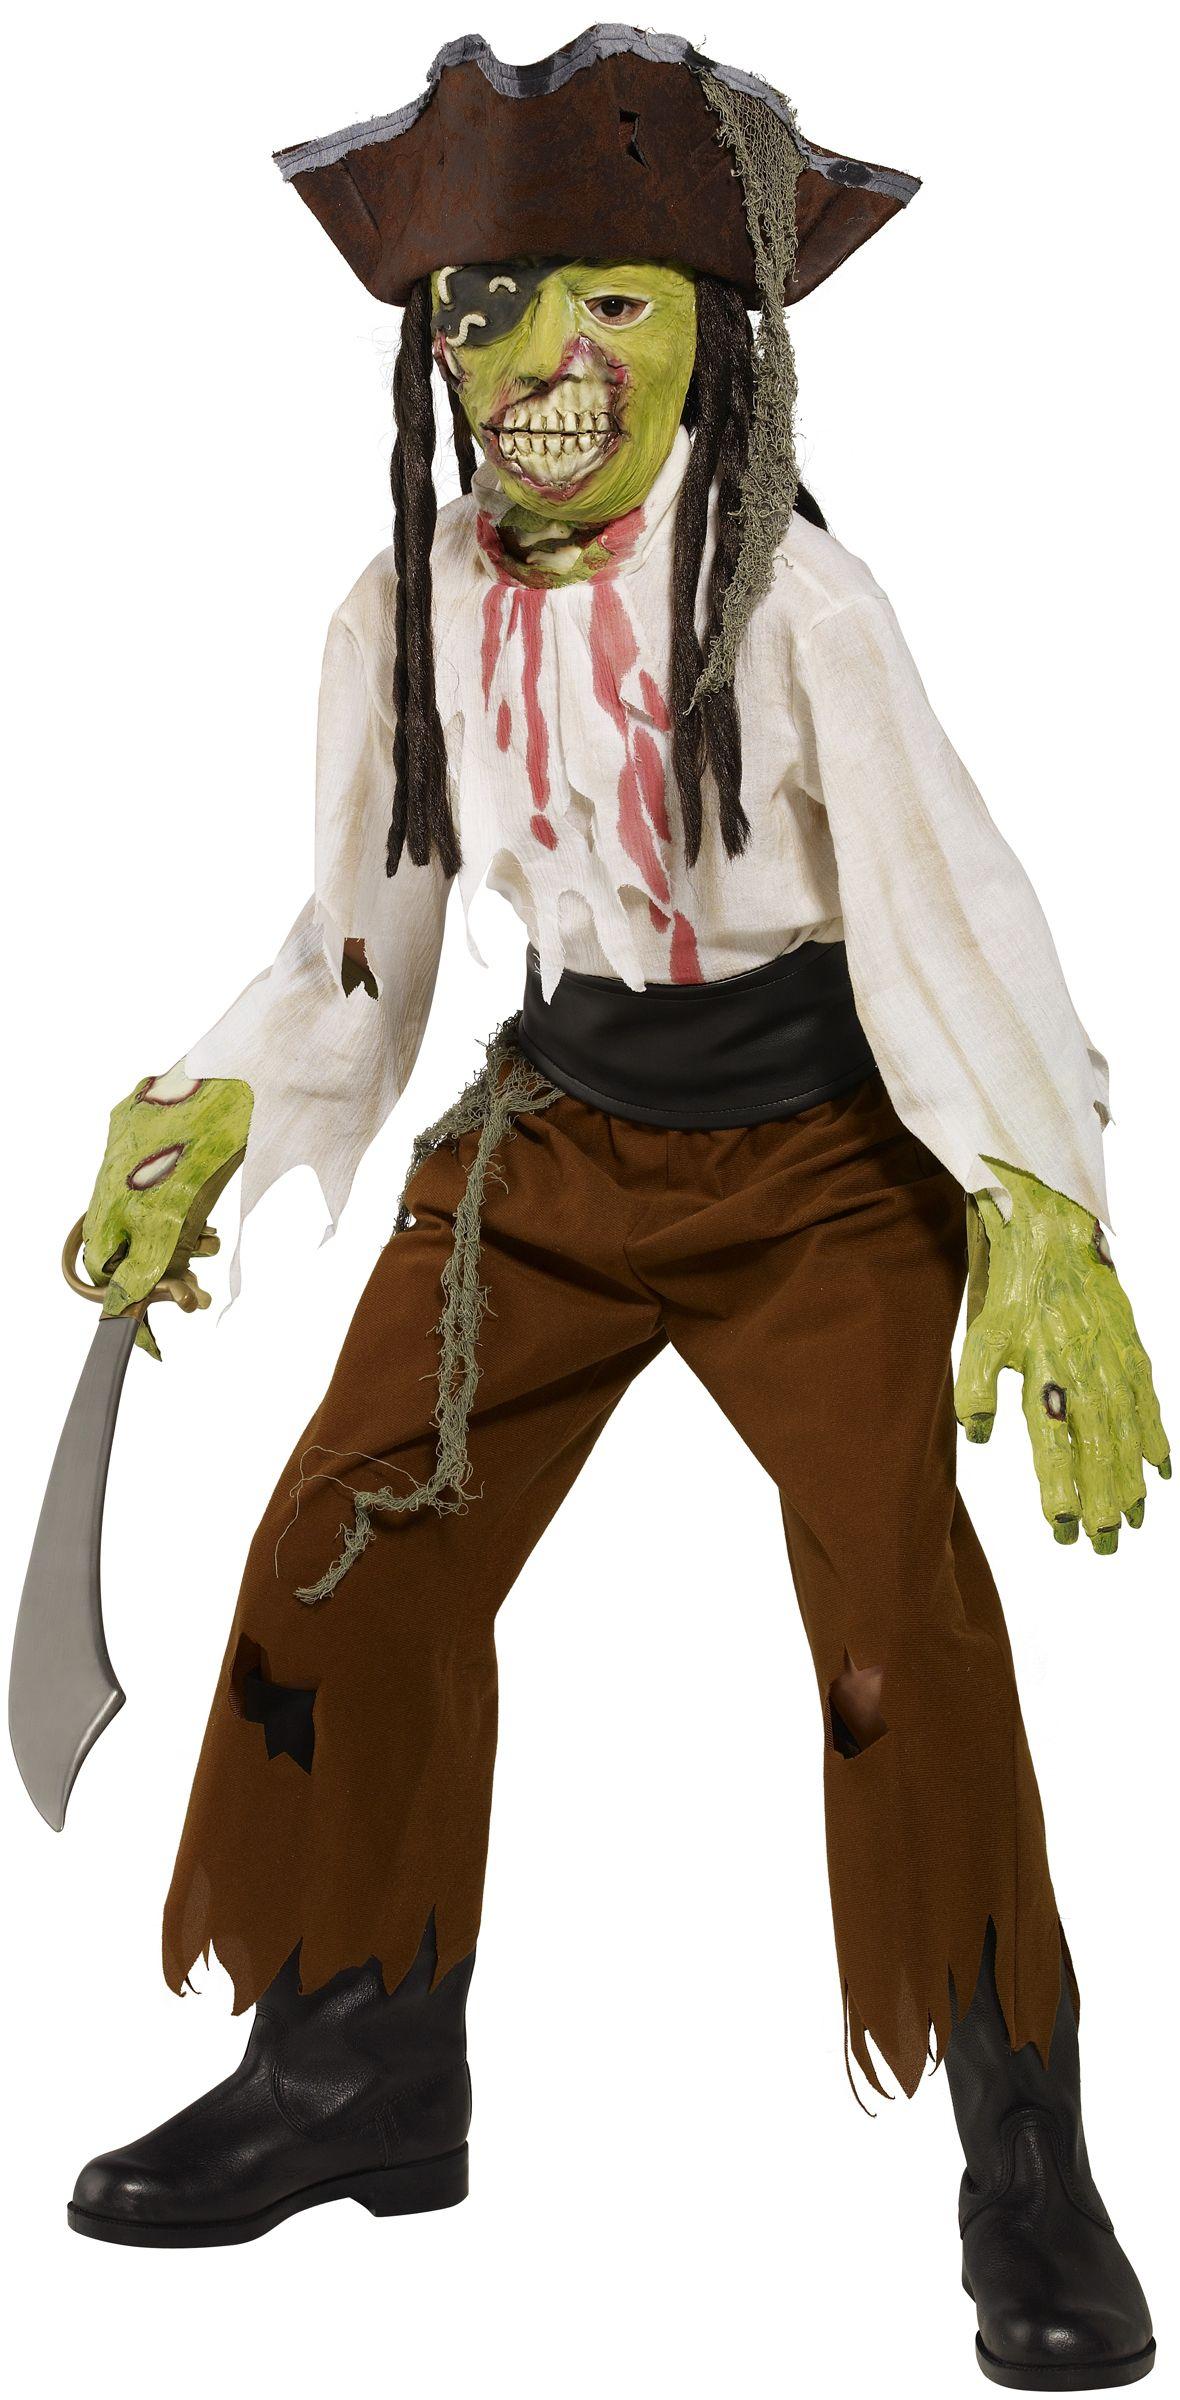 Costume pirata mostro bambino Halloween  Questo travestimento da pirata  mostro di Halloween per bambino è c548d1664a4